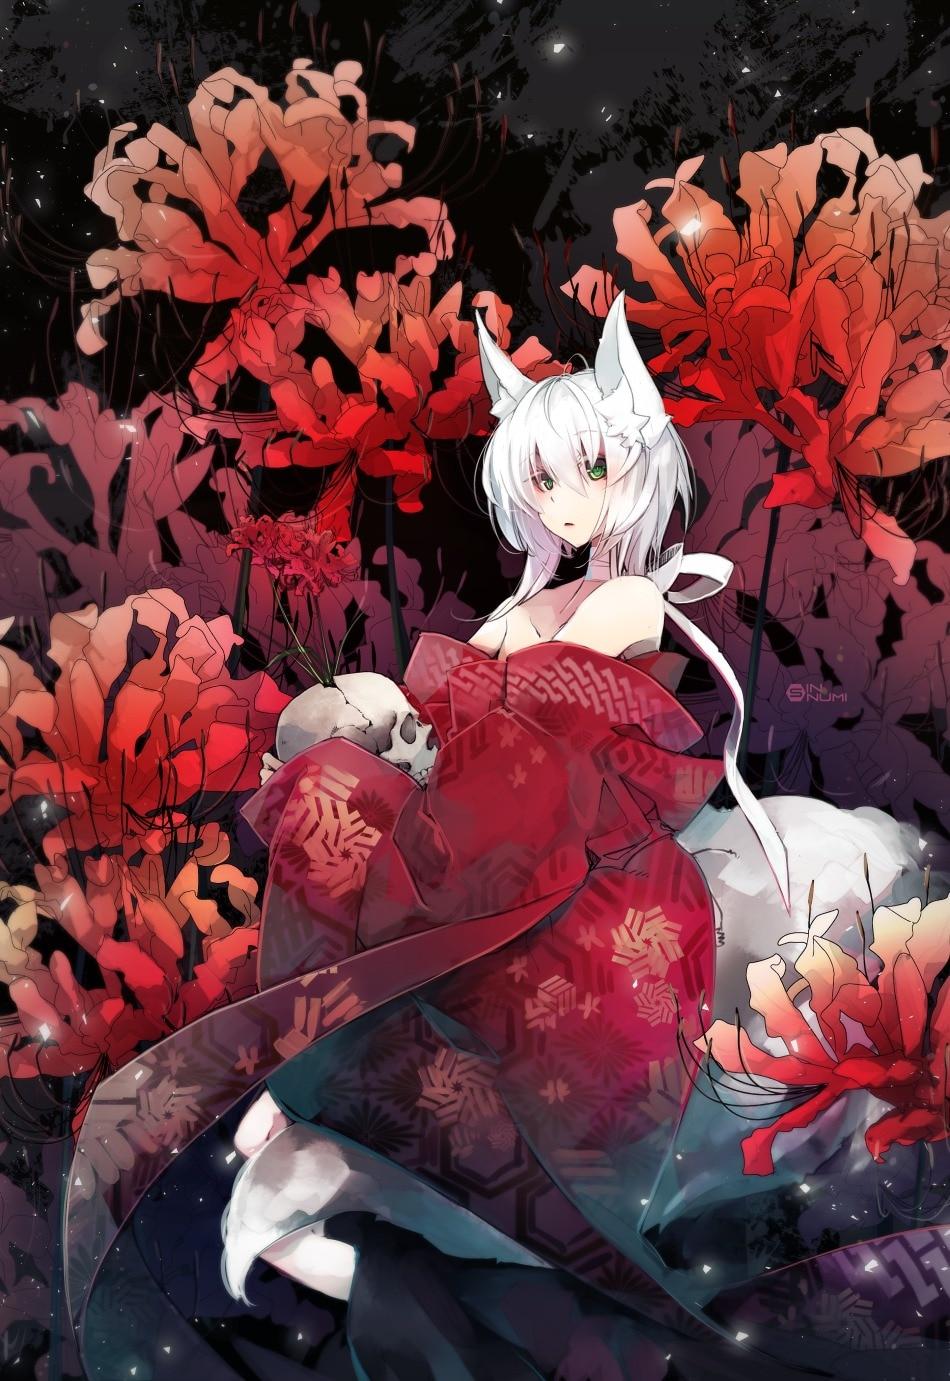 【白毛兽耳娘】日本画师 ぬみ-Sin二次元少女插画作品赏析_图片 No.12